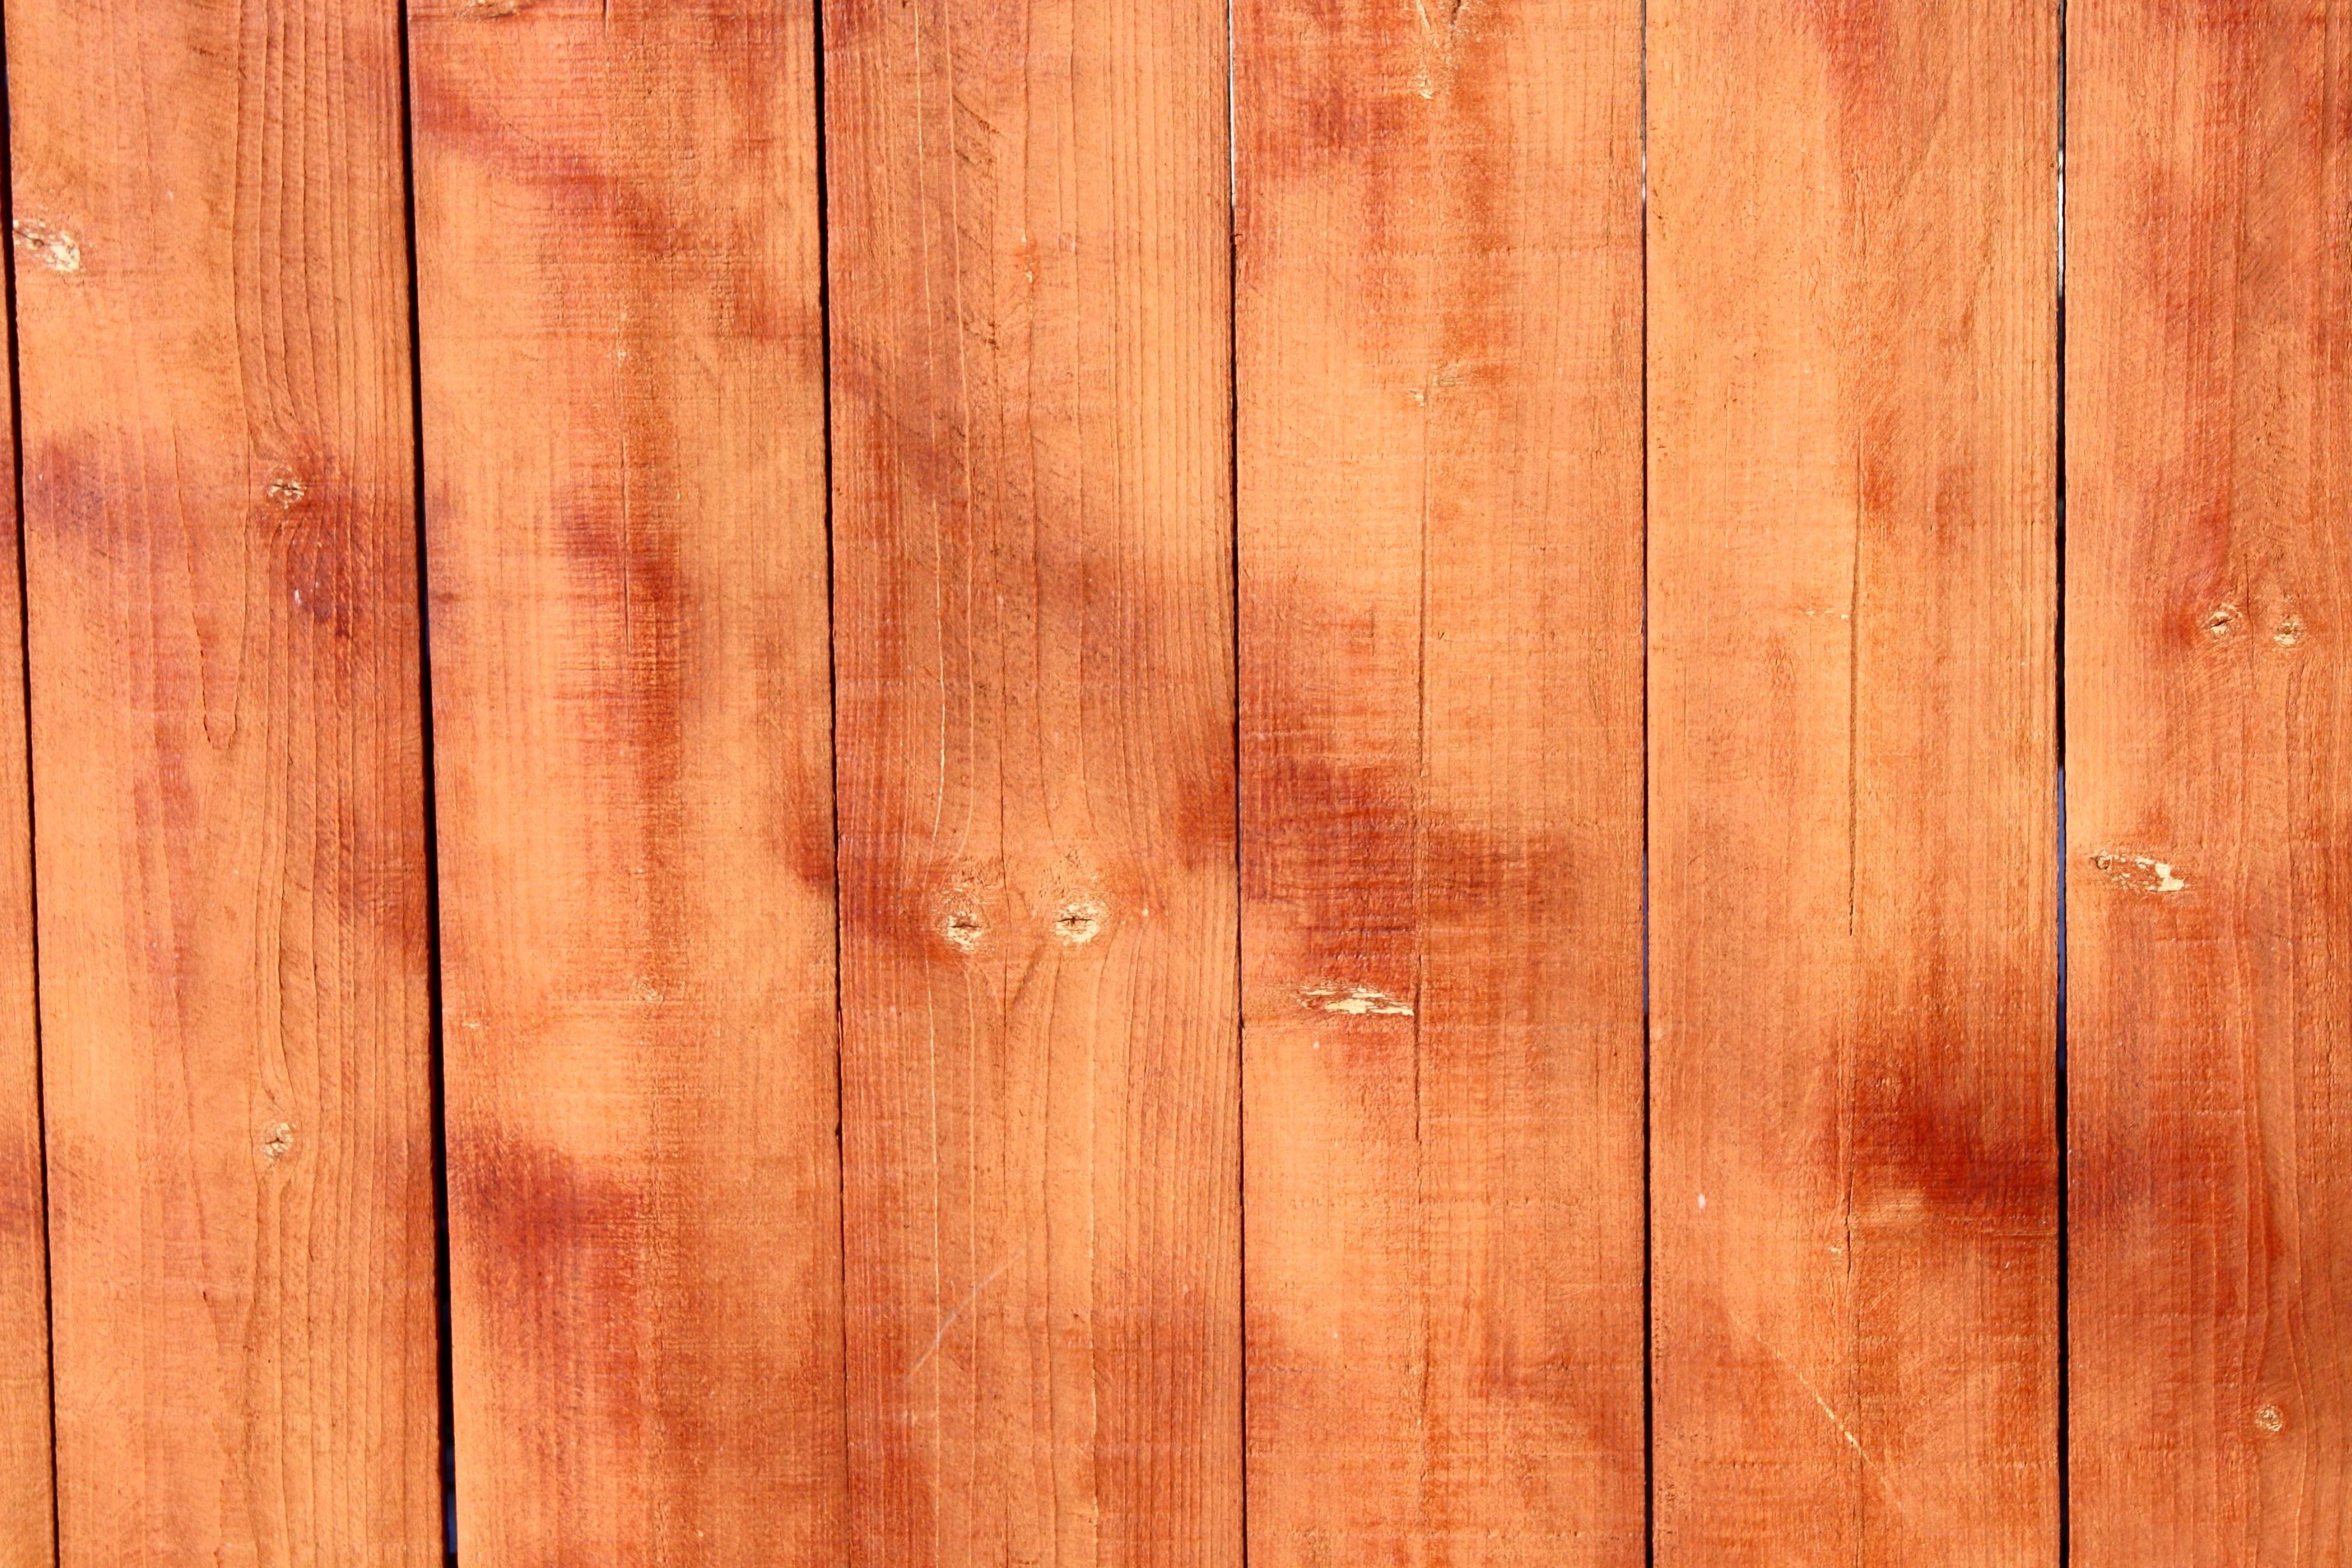 всего деревянная дощечка картинки фон живописном месте берегу